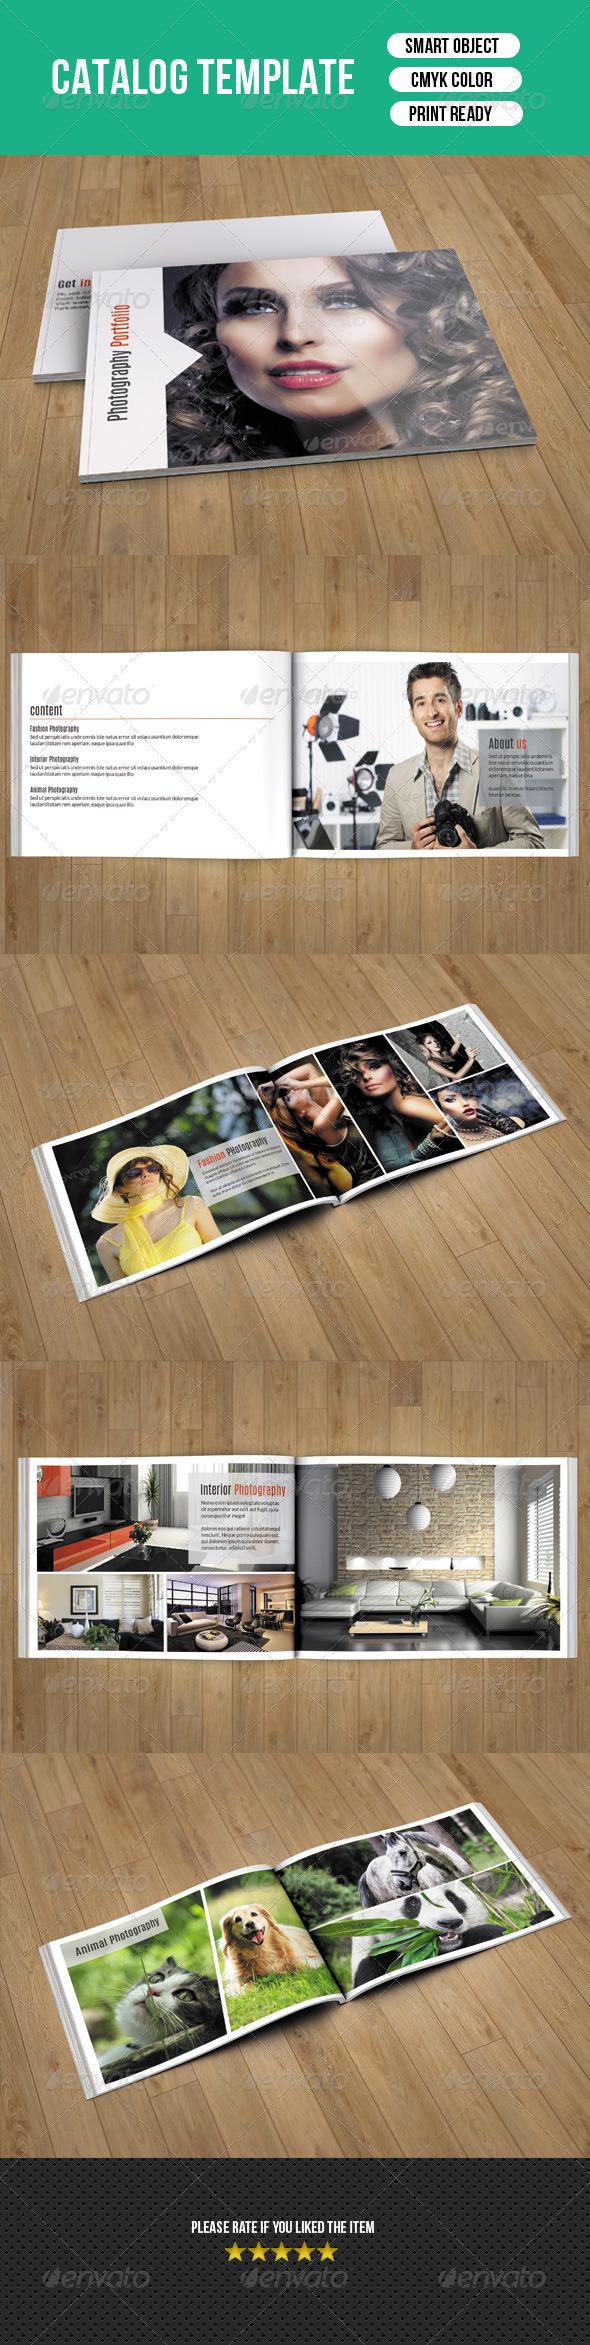 GraphicRiver Photography Catalog-V30 8340744